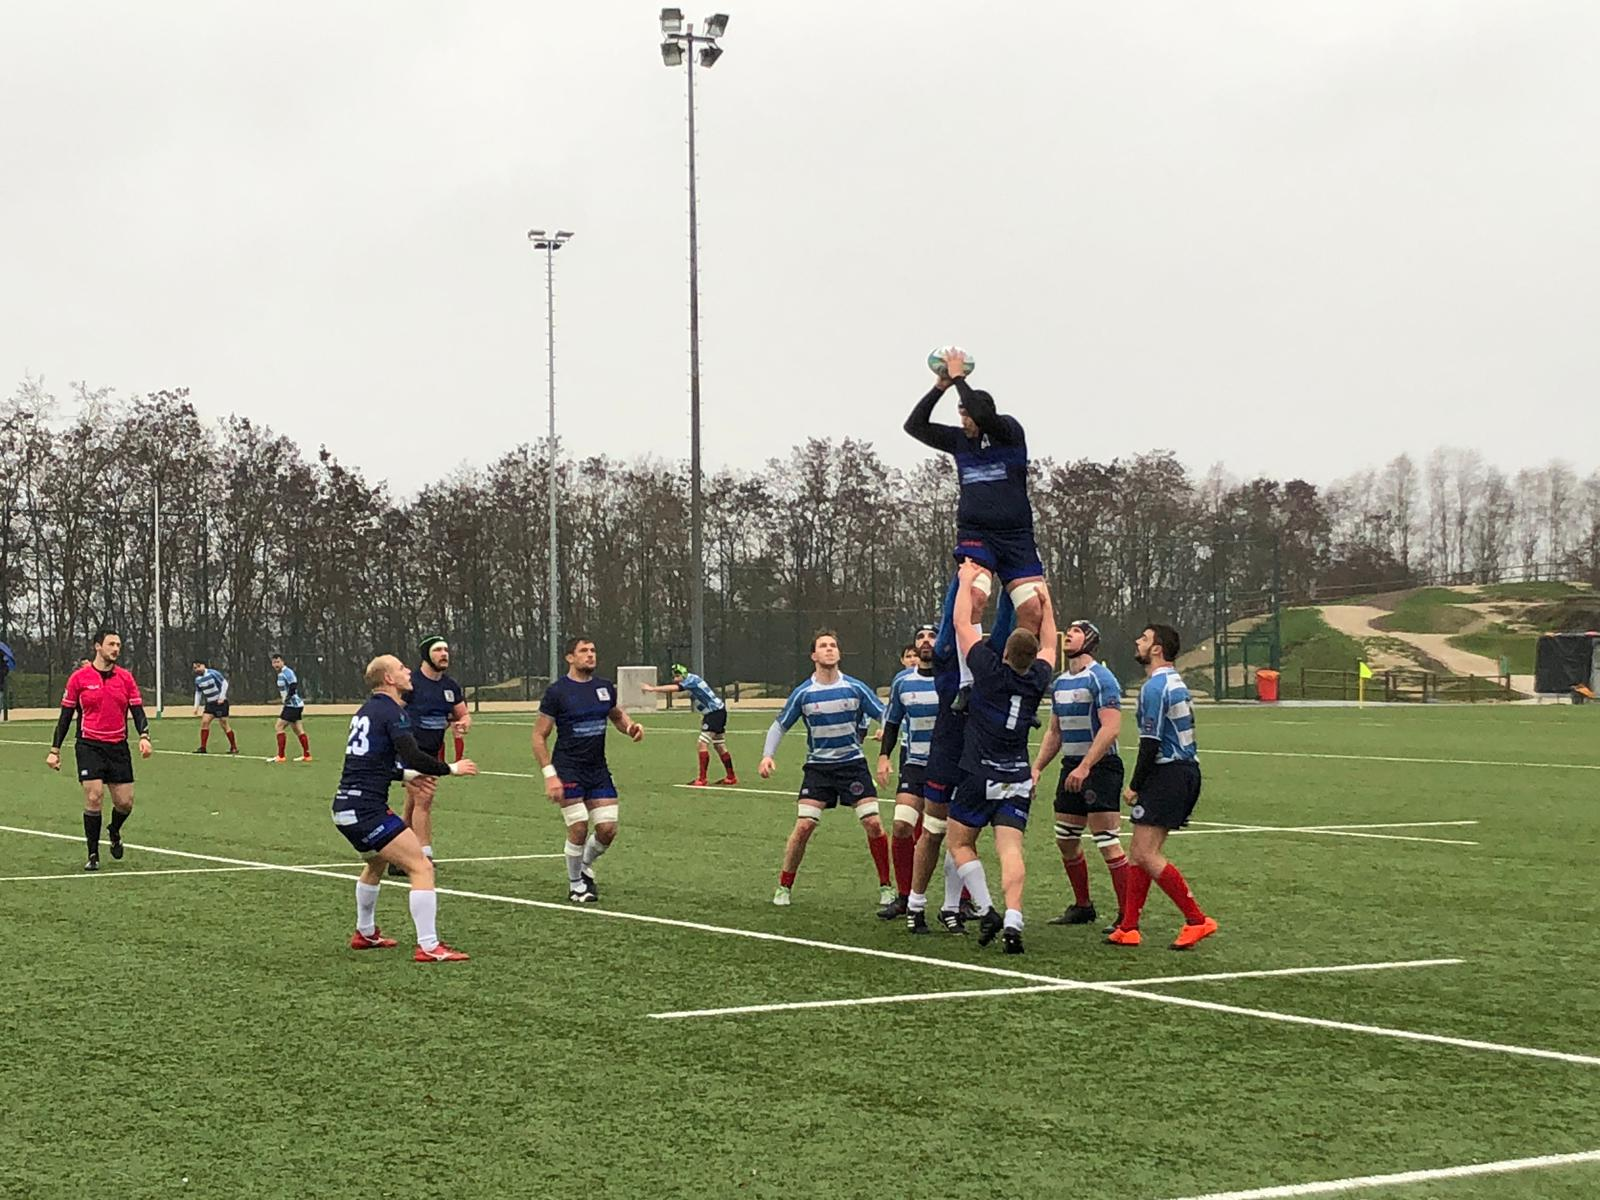 In der zweiten Halbzeit spielten nur noch die Löwen - Luxemburg bekam kaum mehr eine Hand an den Ball. Foto: Michael Reinhard.